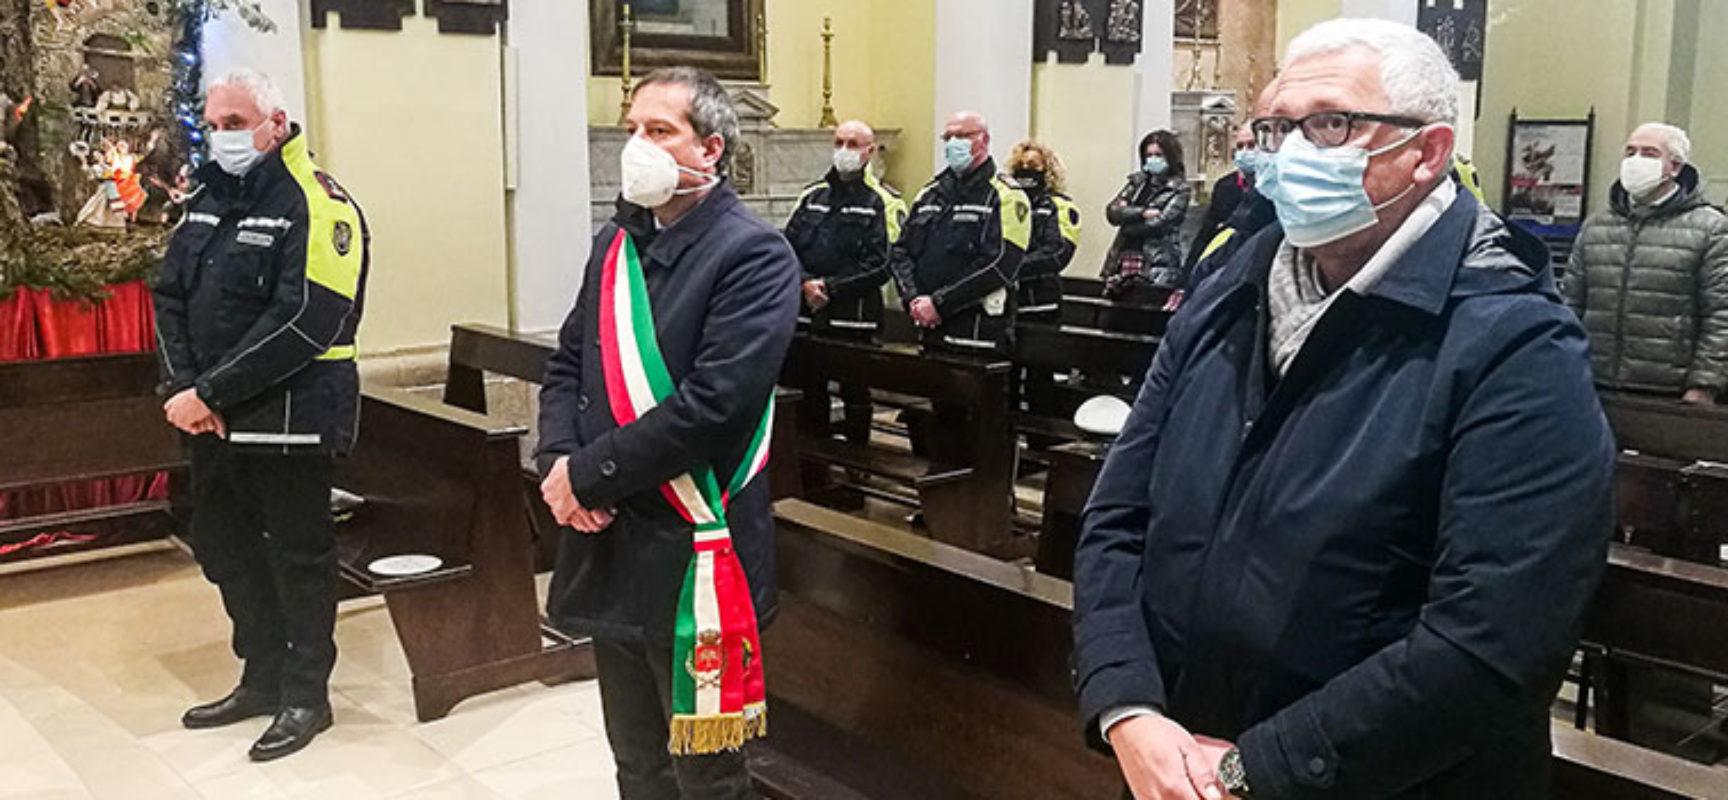 Celebrata messa in onore di san Sebastiano, patrono della Polizia Locale / FOTO